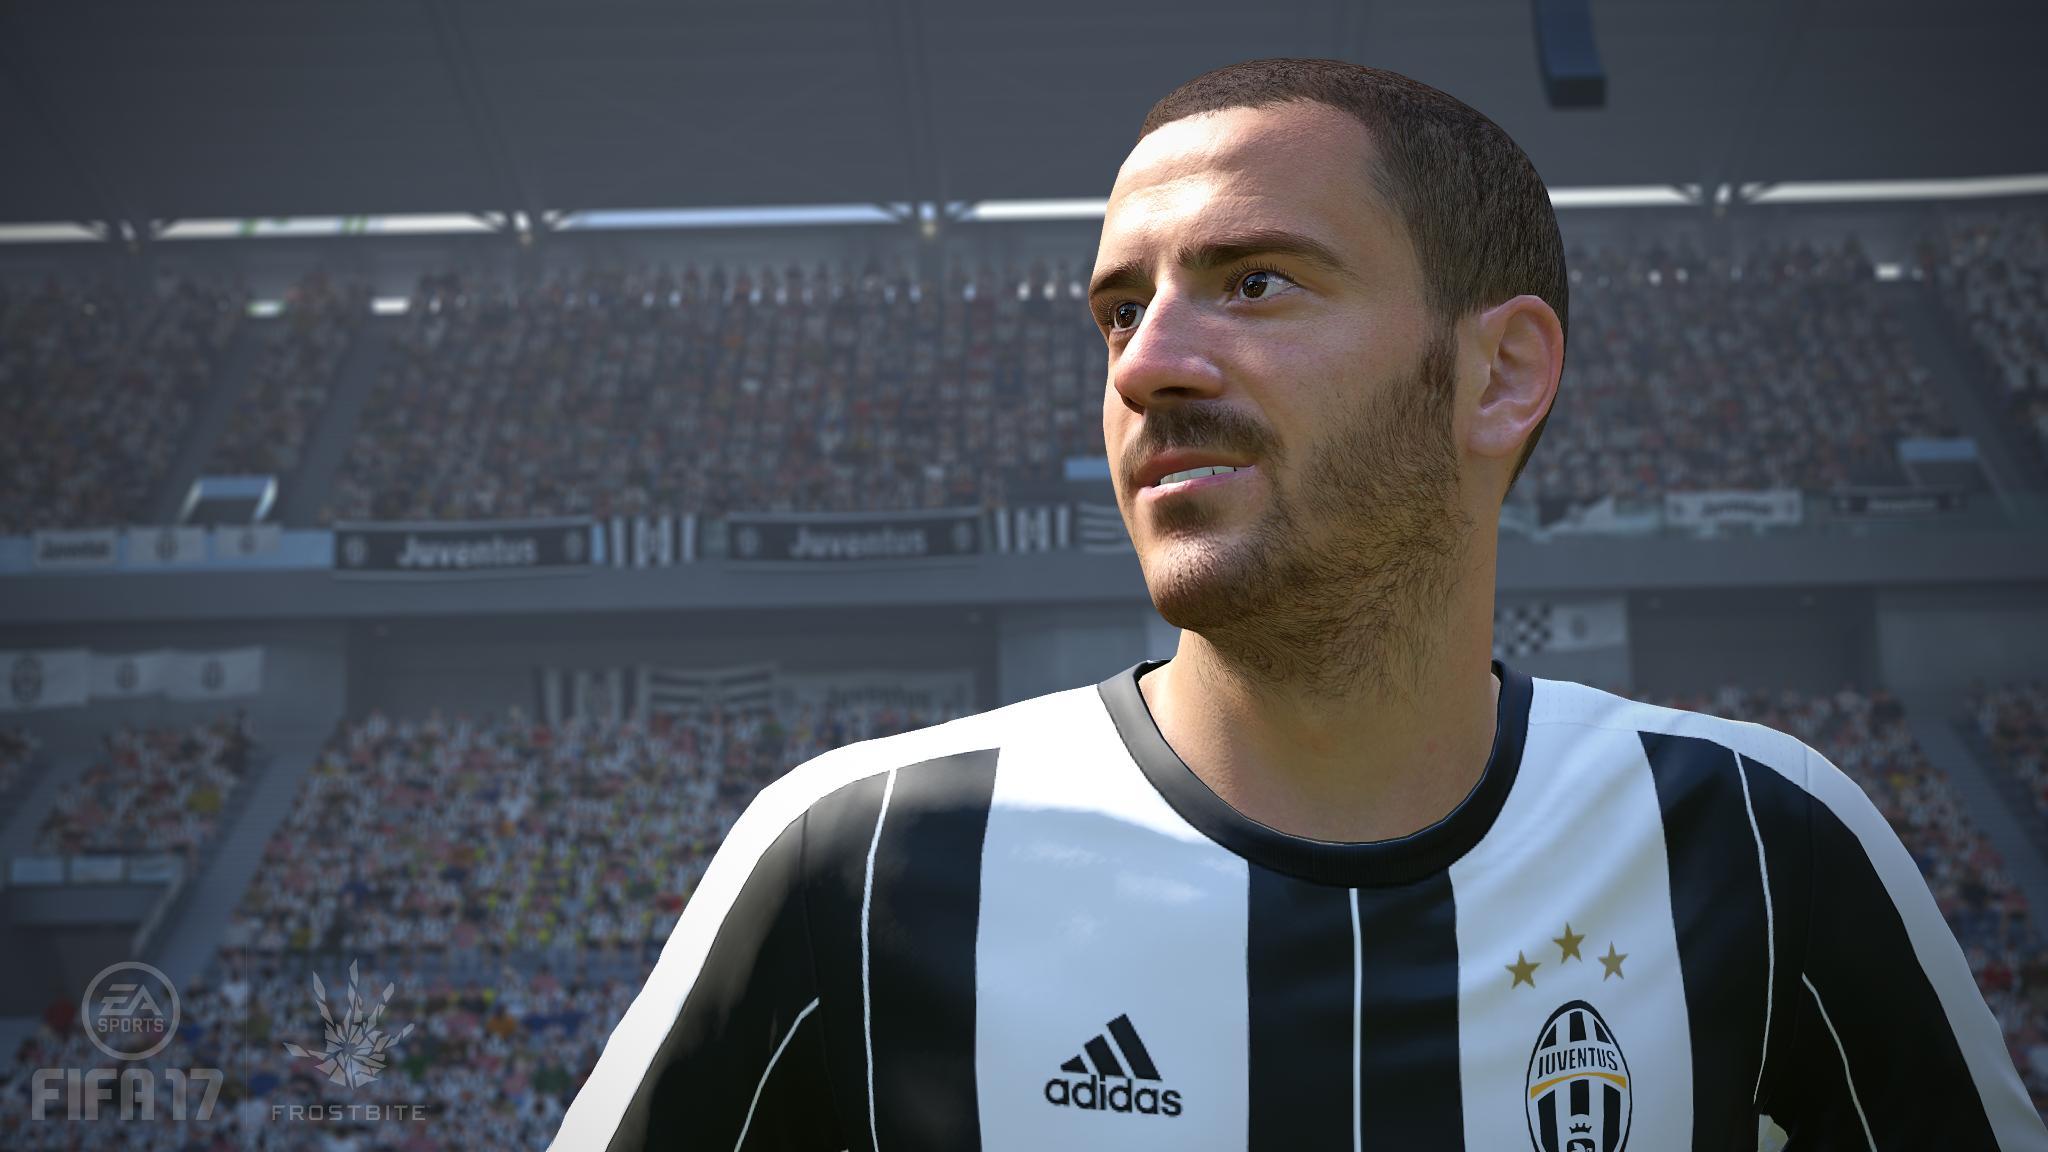 FIFA 17 domina il mercato console nel Regno Unito